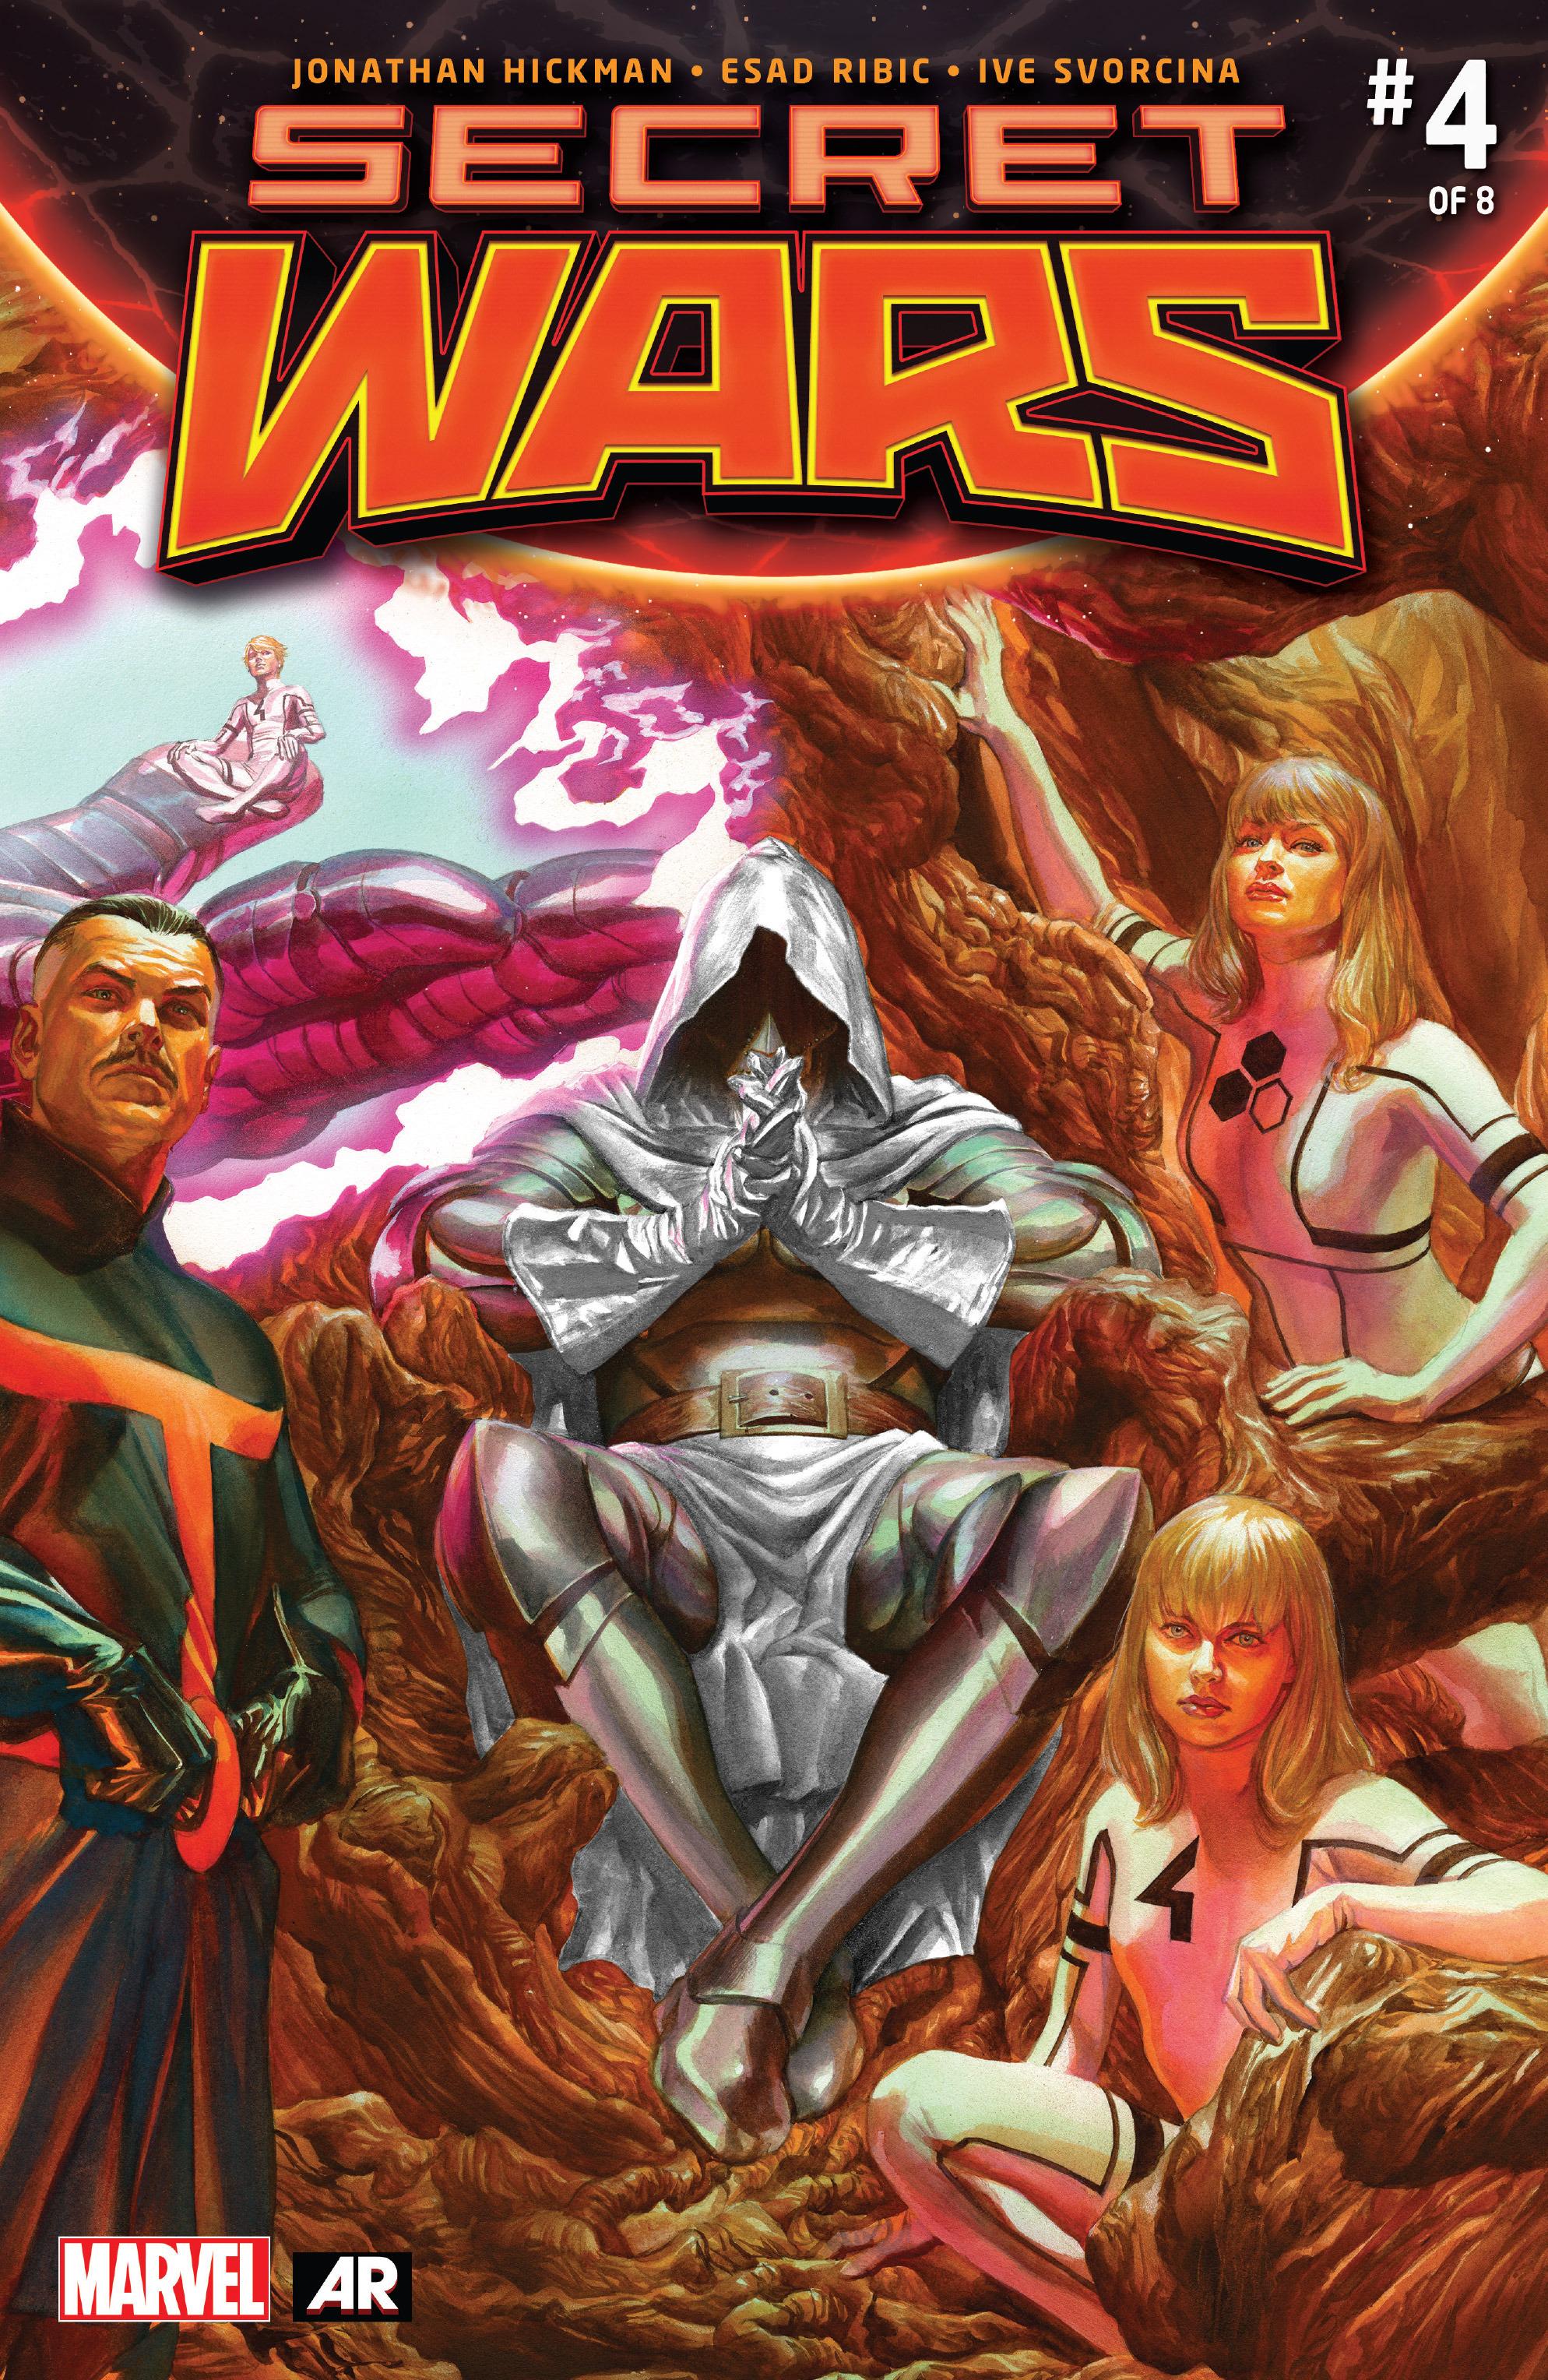 Read online Secret Wars comic -  Issue #4 - 1